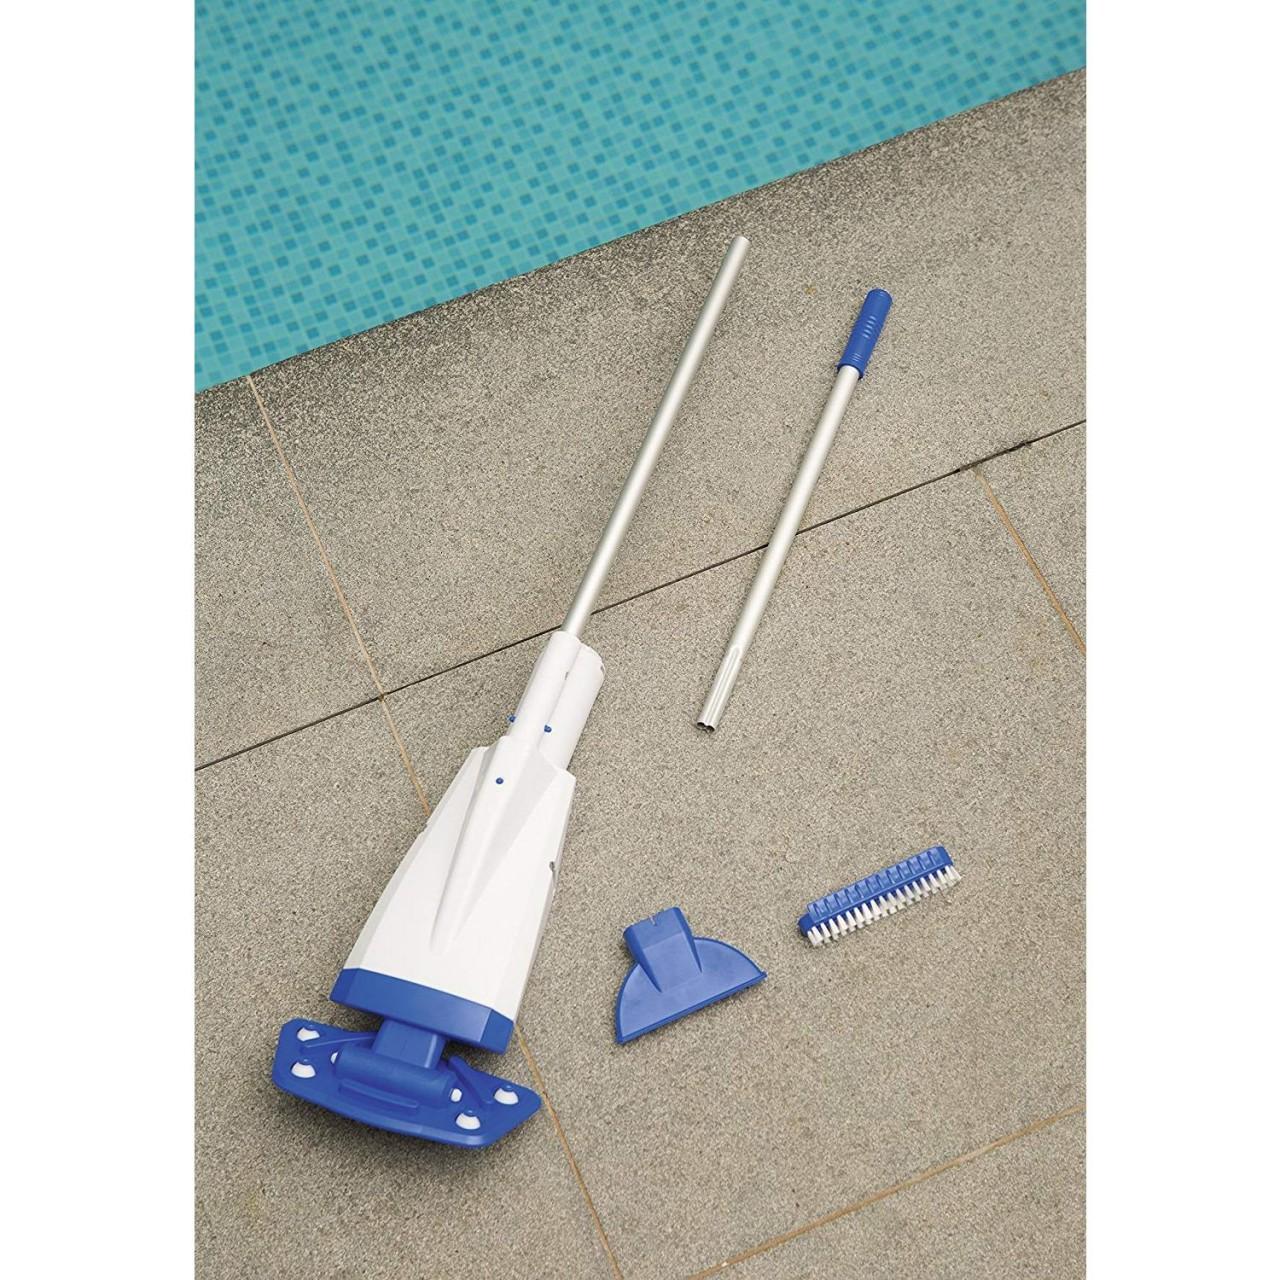 Bestway Flowclear Aqua Powercell akkubetriebener Poolsauger Vakuumsauger 58427